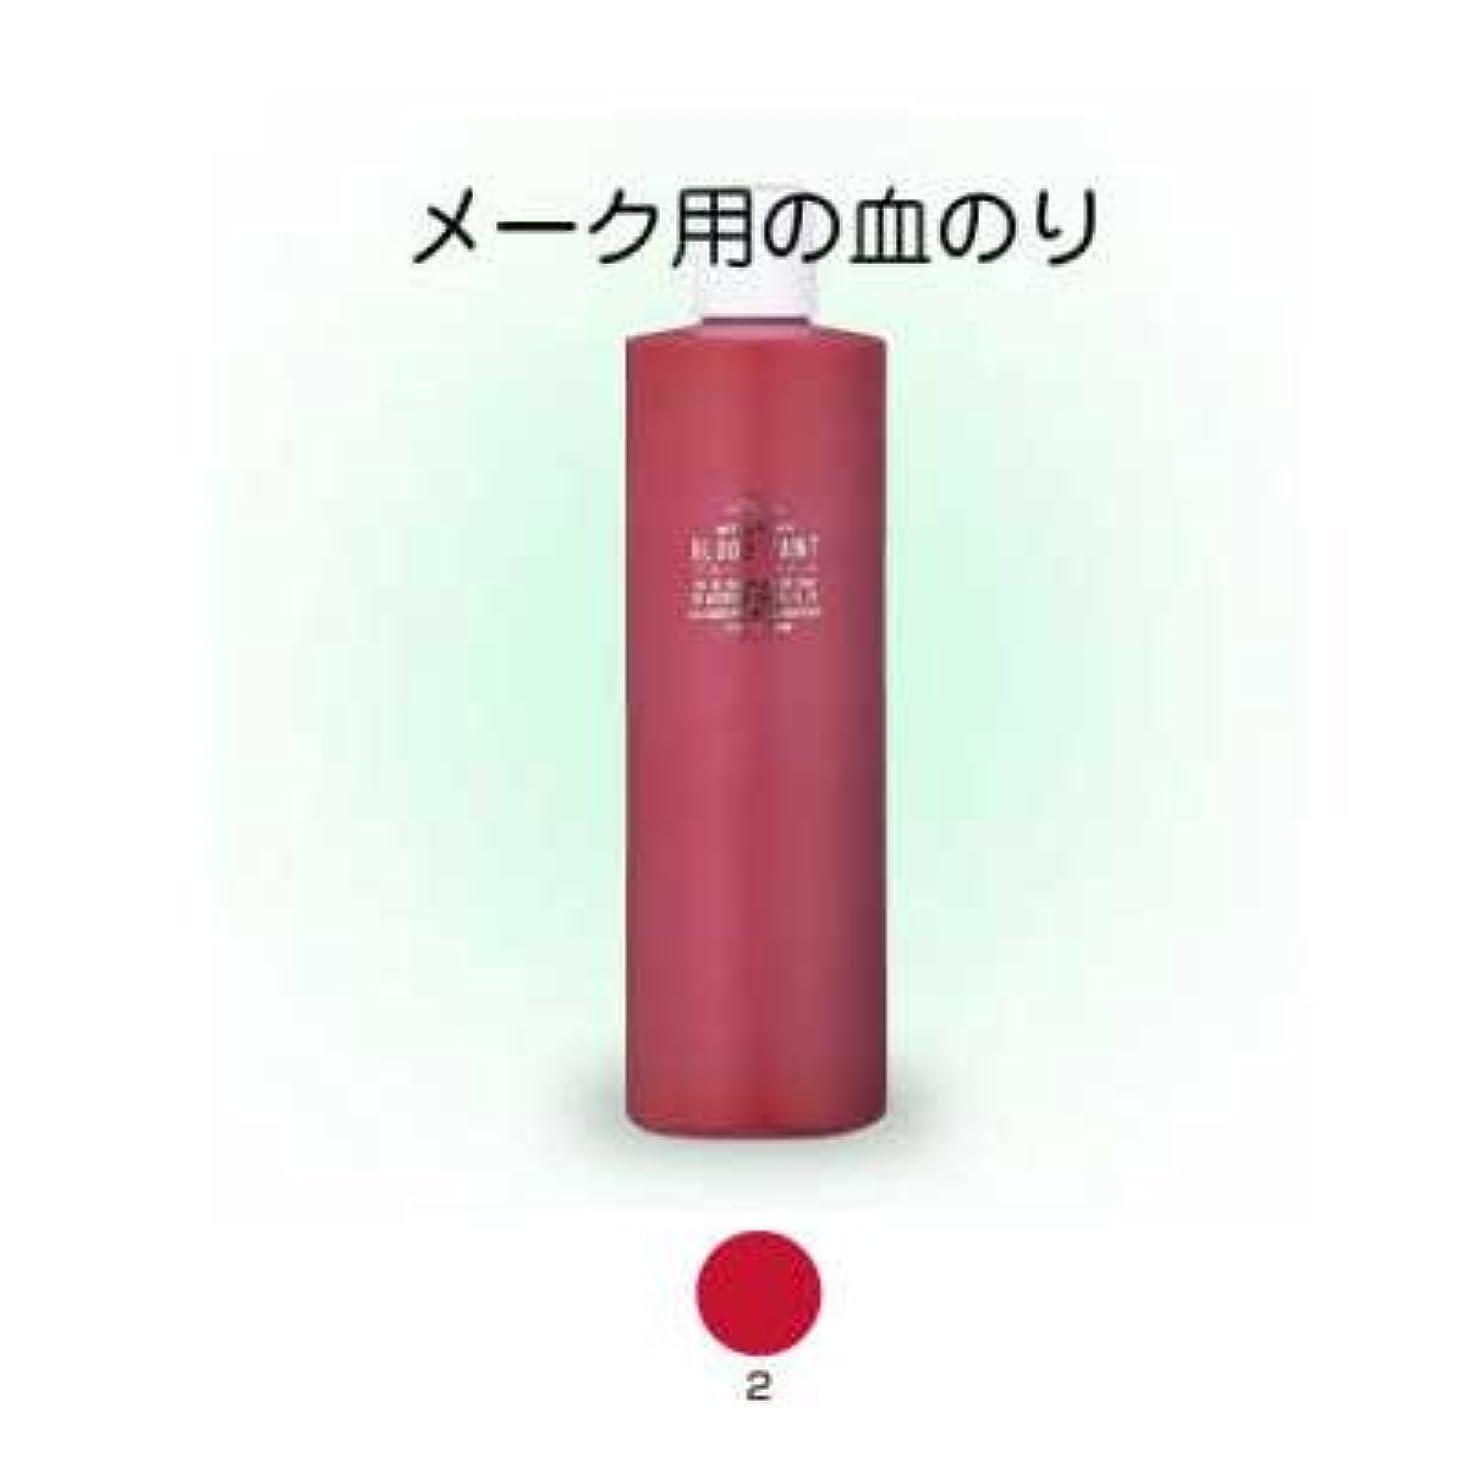 ブロードペイント(メークアップ用の血のり)500ml 2【三善】